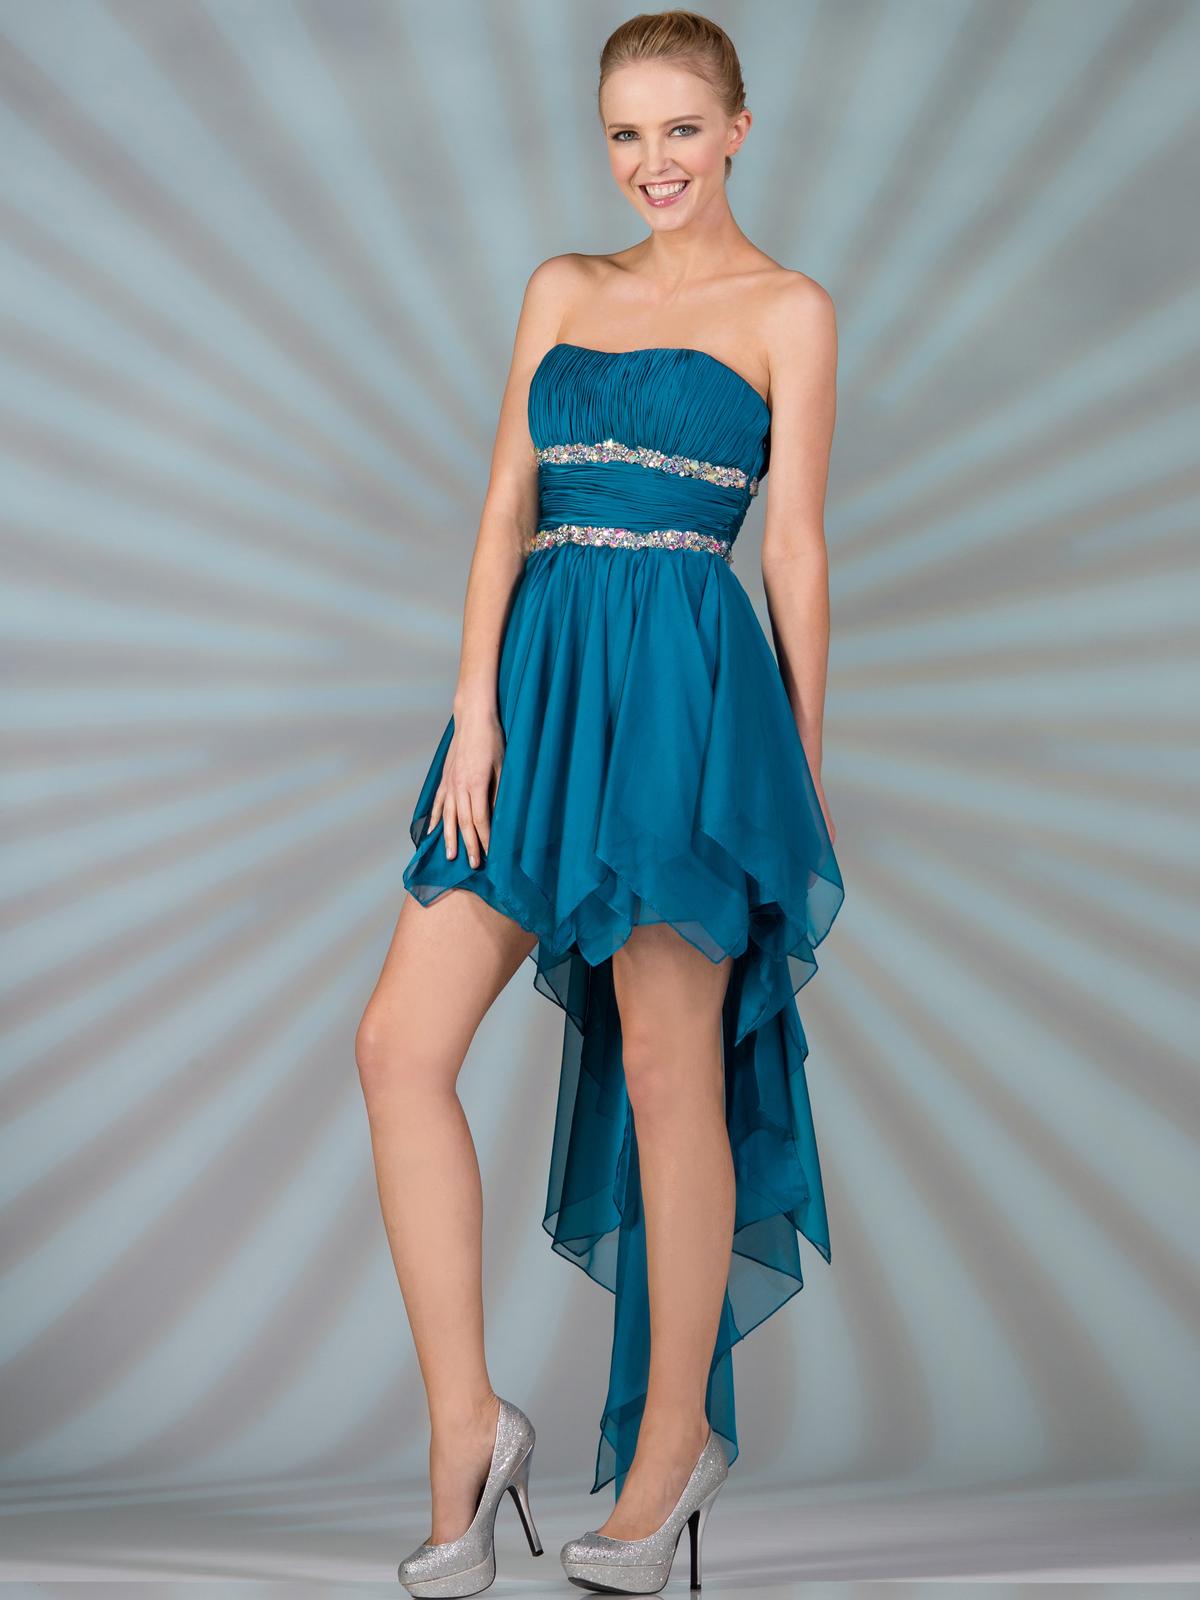 Handkerchief Formal Dress